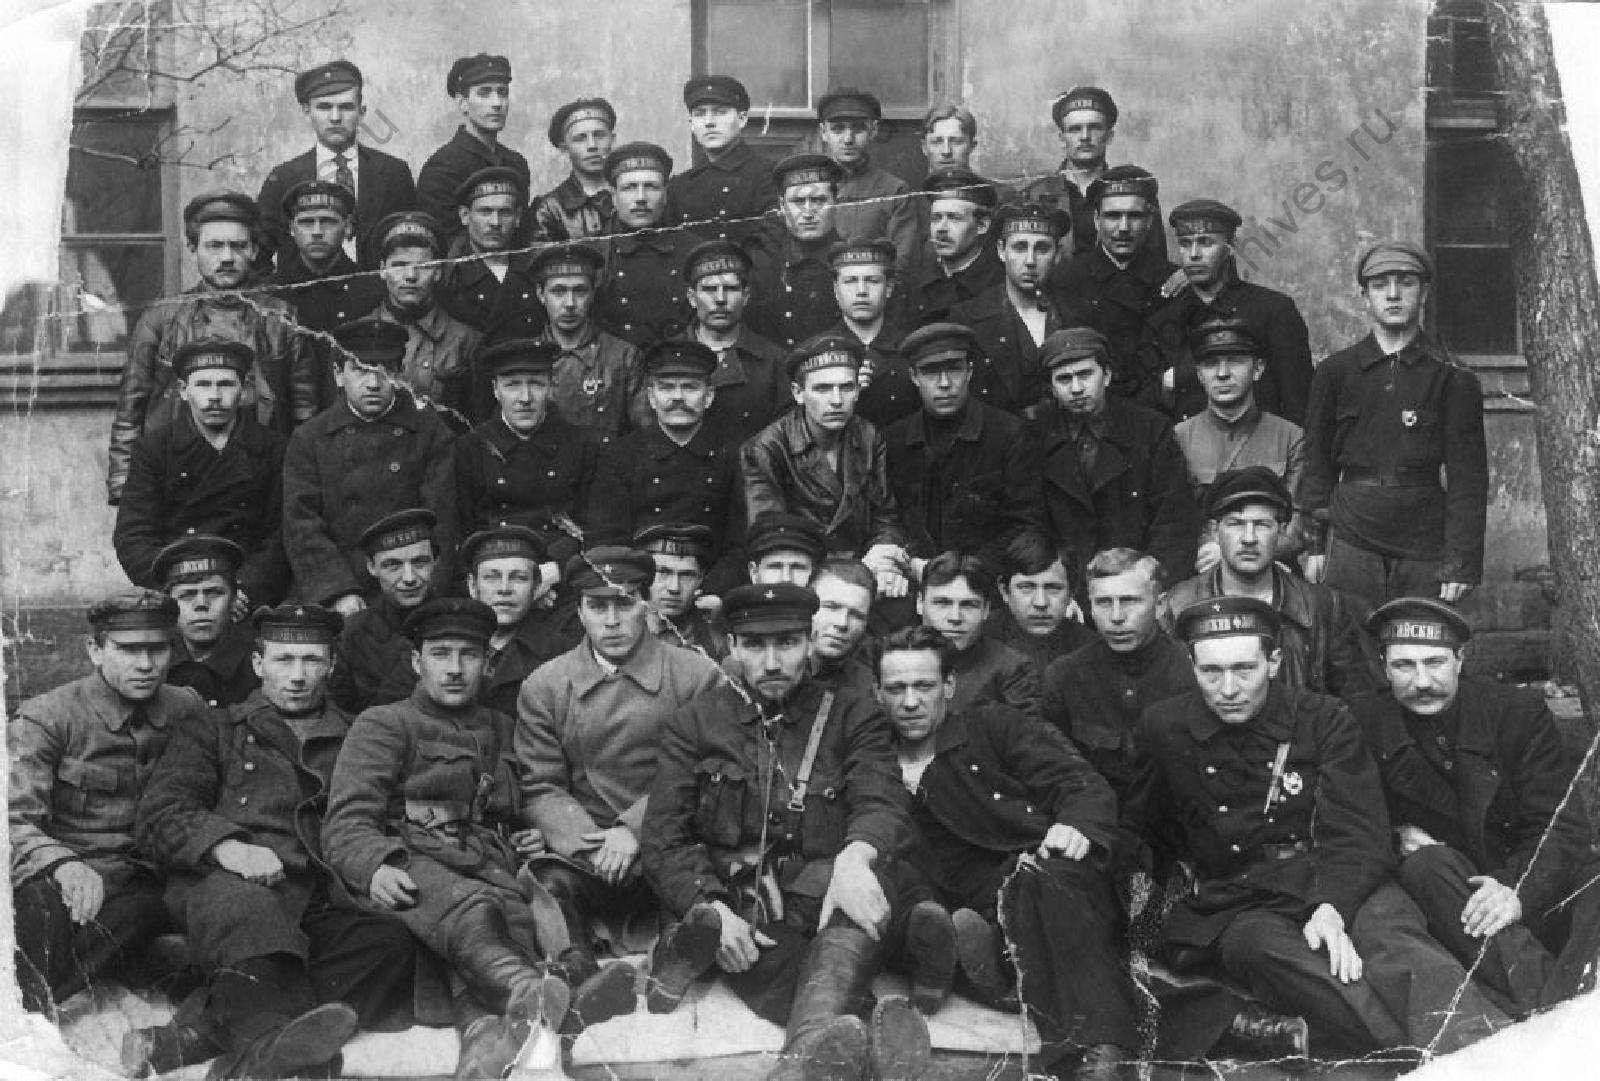 Στρατιώτες που συμμετείχαν στην καταστολή της εξέγερσης. Ο Λέων Τρότσκι έστειλε στην Κροστάνδη δύναμη 50.000 ανδρών από την Αγία Πετρούπολη. Υπό κανονικές συνθήκες, η κατάληψη του νησιού θα ήταν αδύνατη, δεδομένης της απόλυτης ναυτικής υπεροχής των εξεγερμένων. Ωστόσο, η παγωμένη θάλασσα έδωσε το πλεονέκτημα στον Κόκκινο Στρατό.